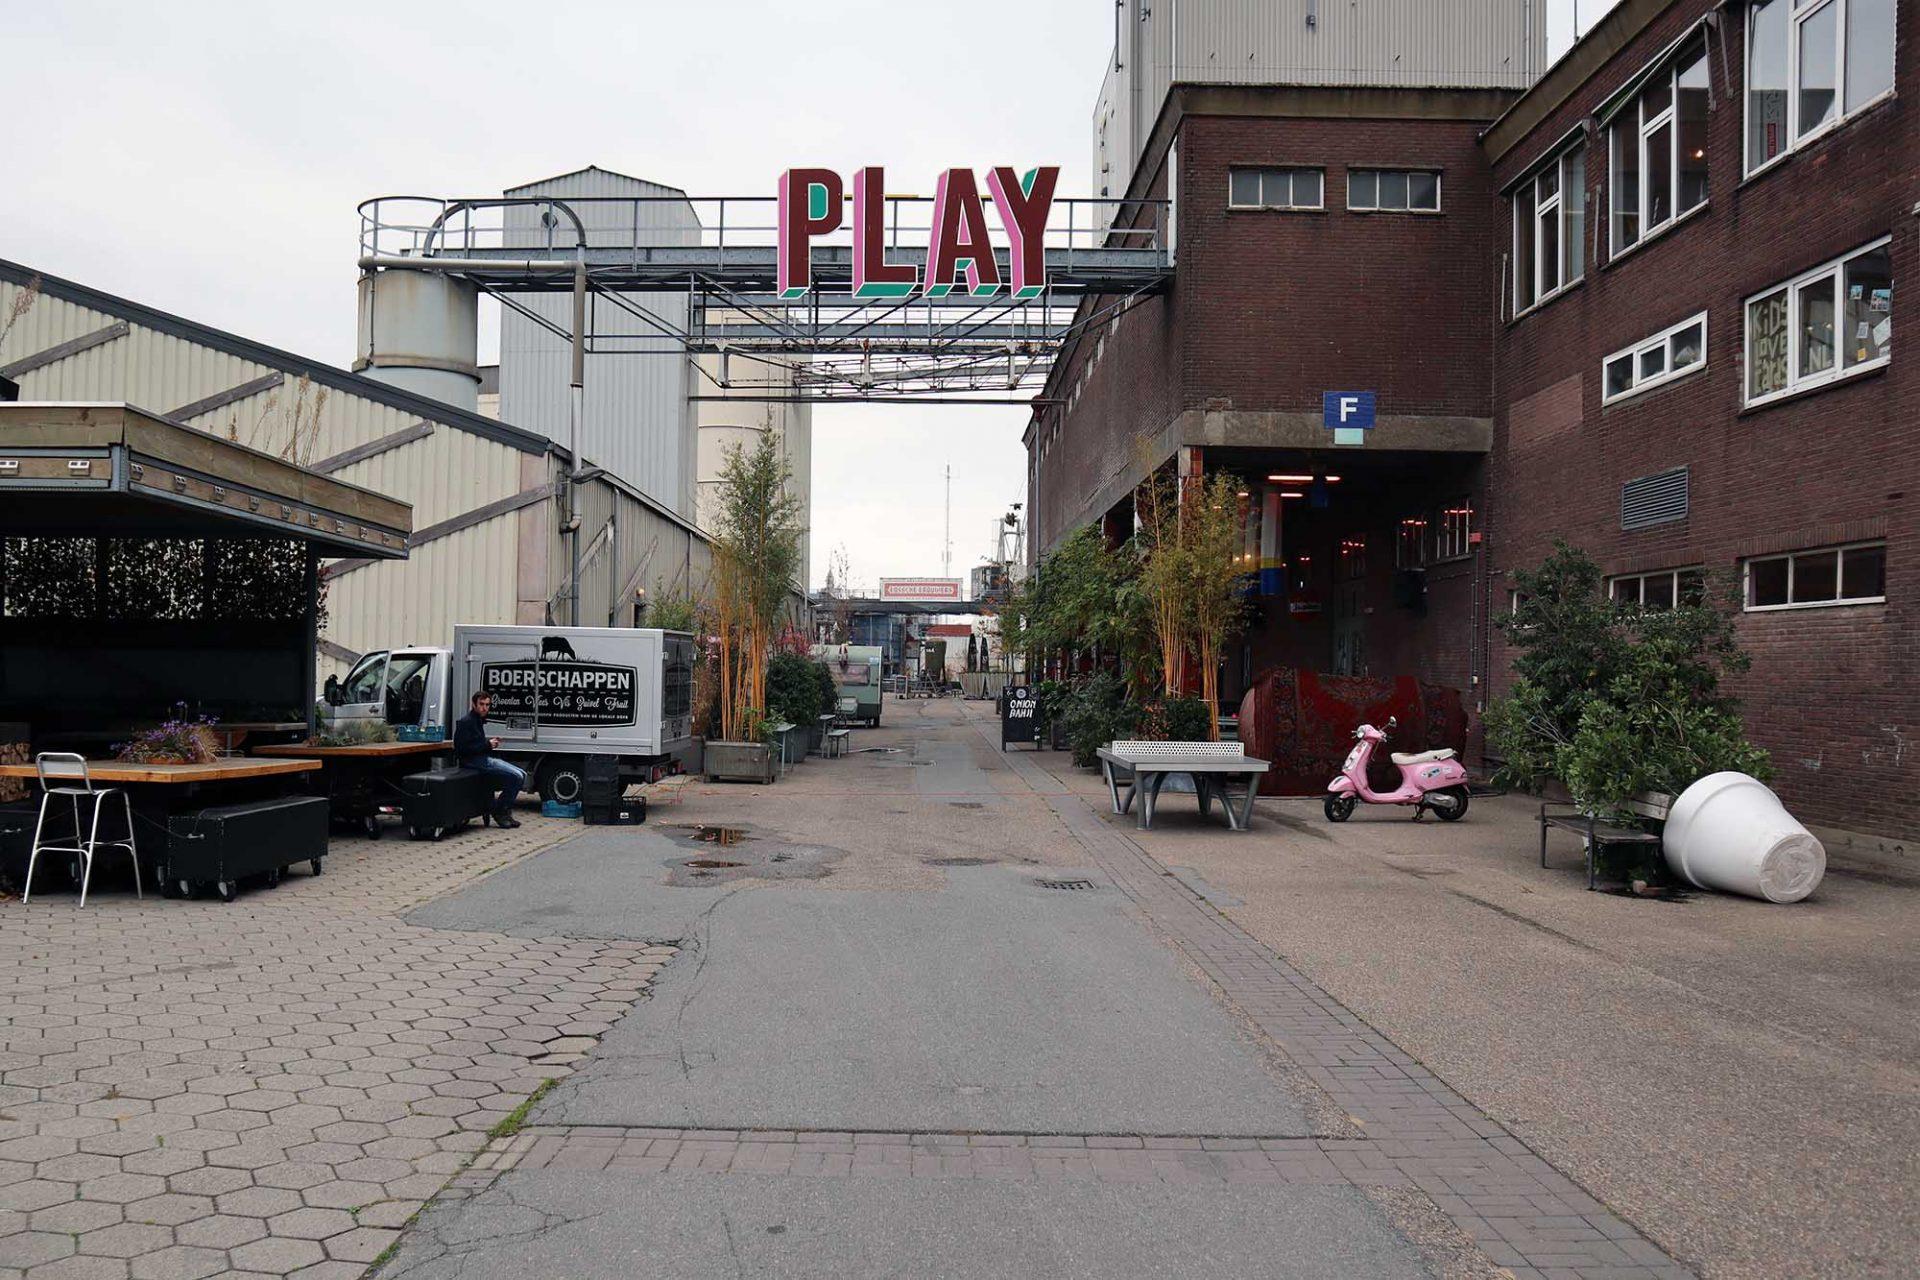 Werkwarenhuis Social Label. Das temporäre Labor der Social Label Foundation hat seinen Platz in der ehemaligen Viehfutterfabrik De Heus gefunden.